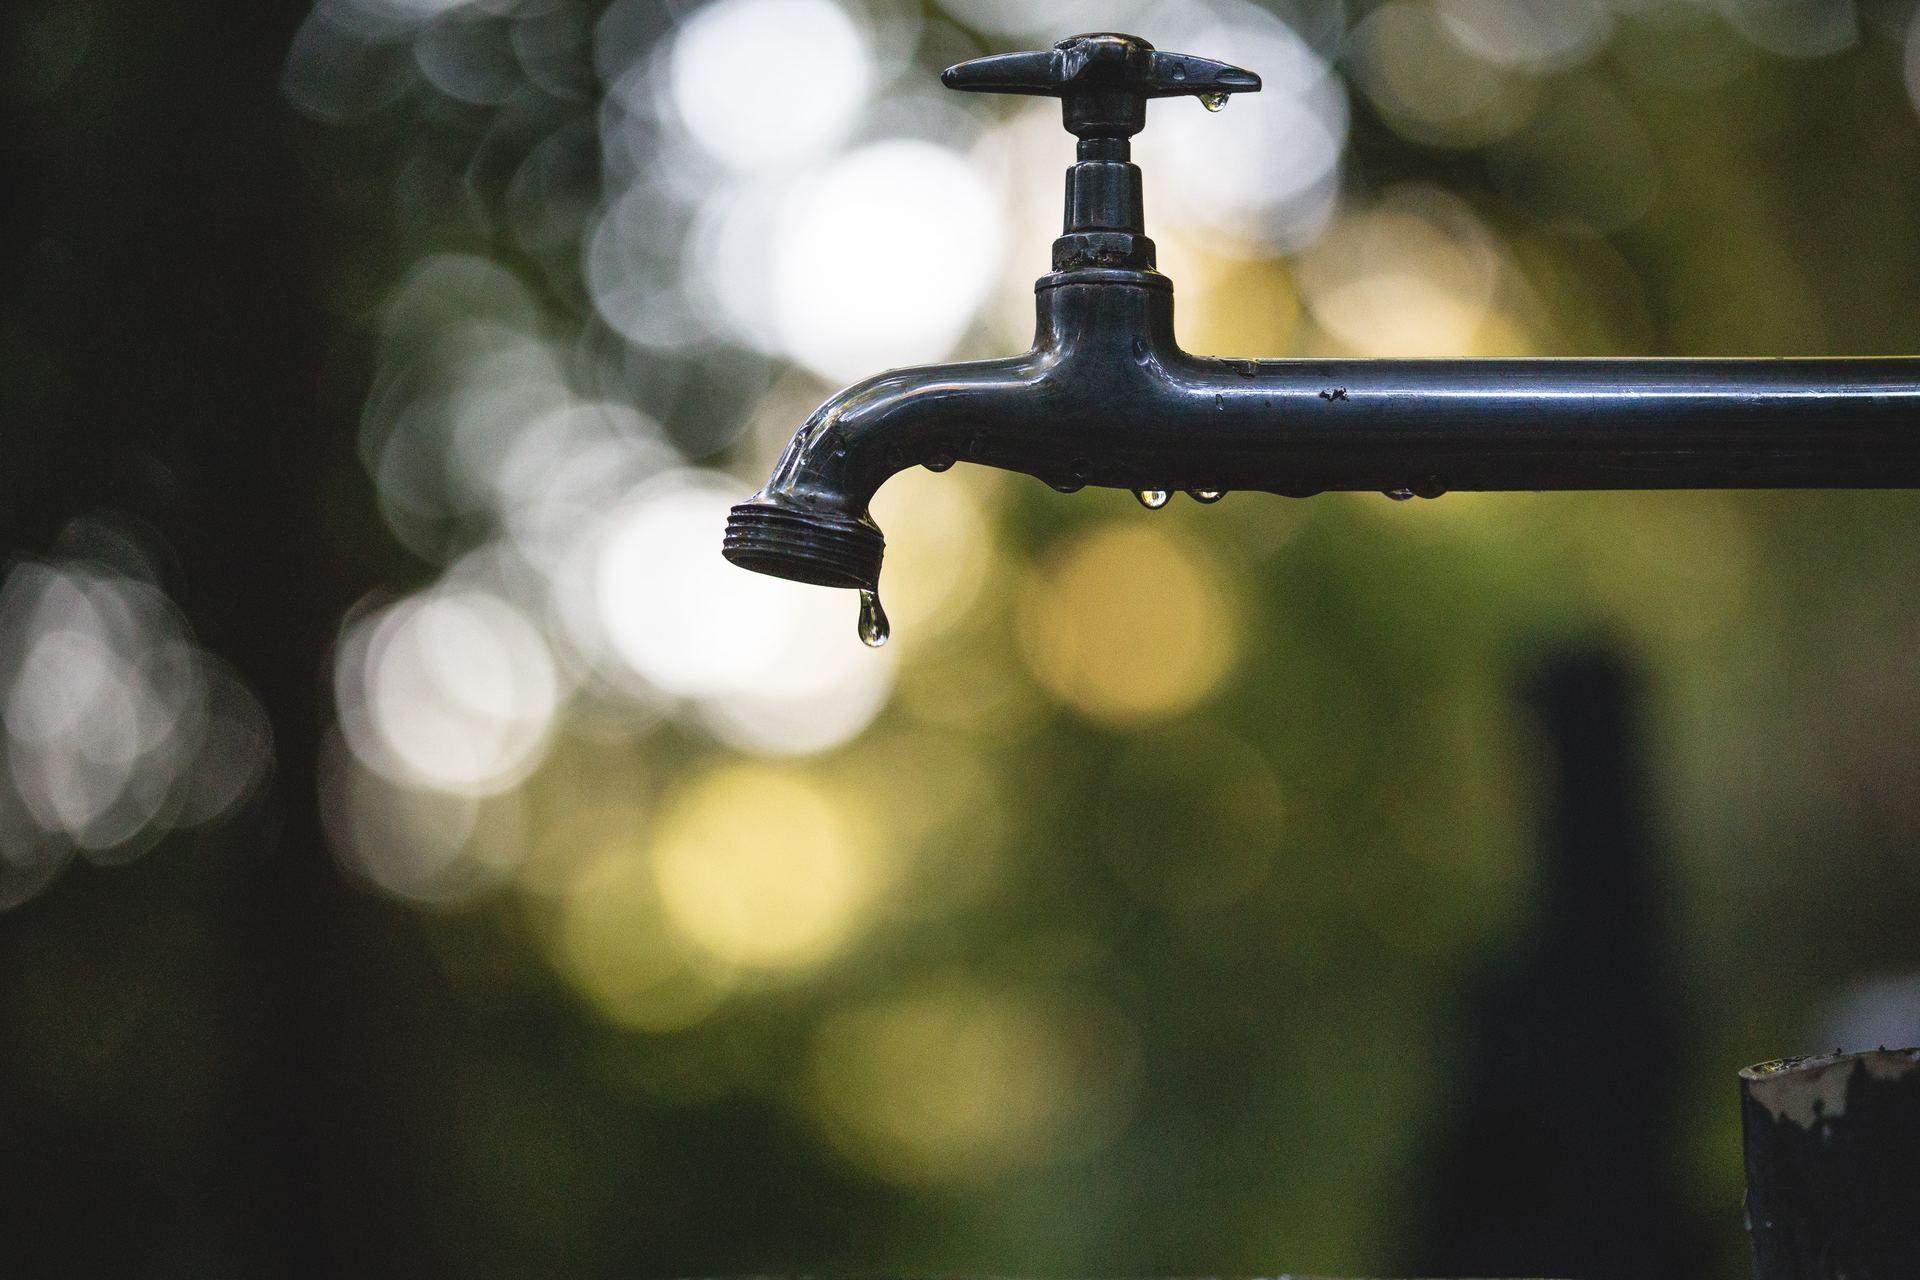 Rena ditt vatten